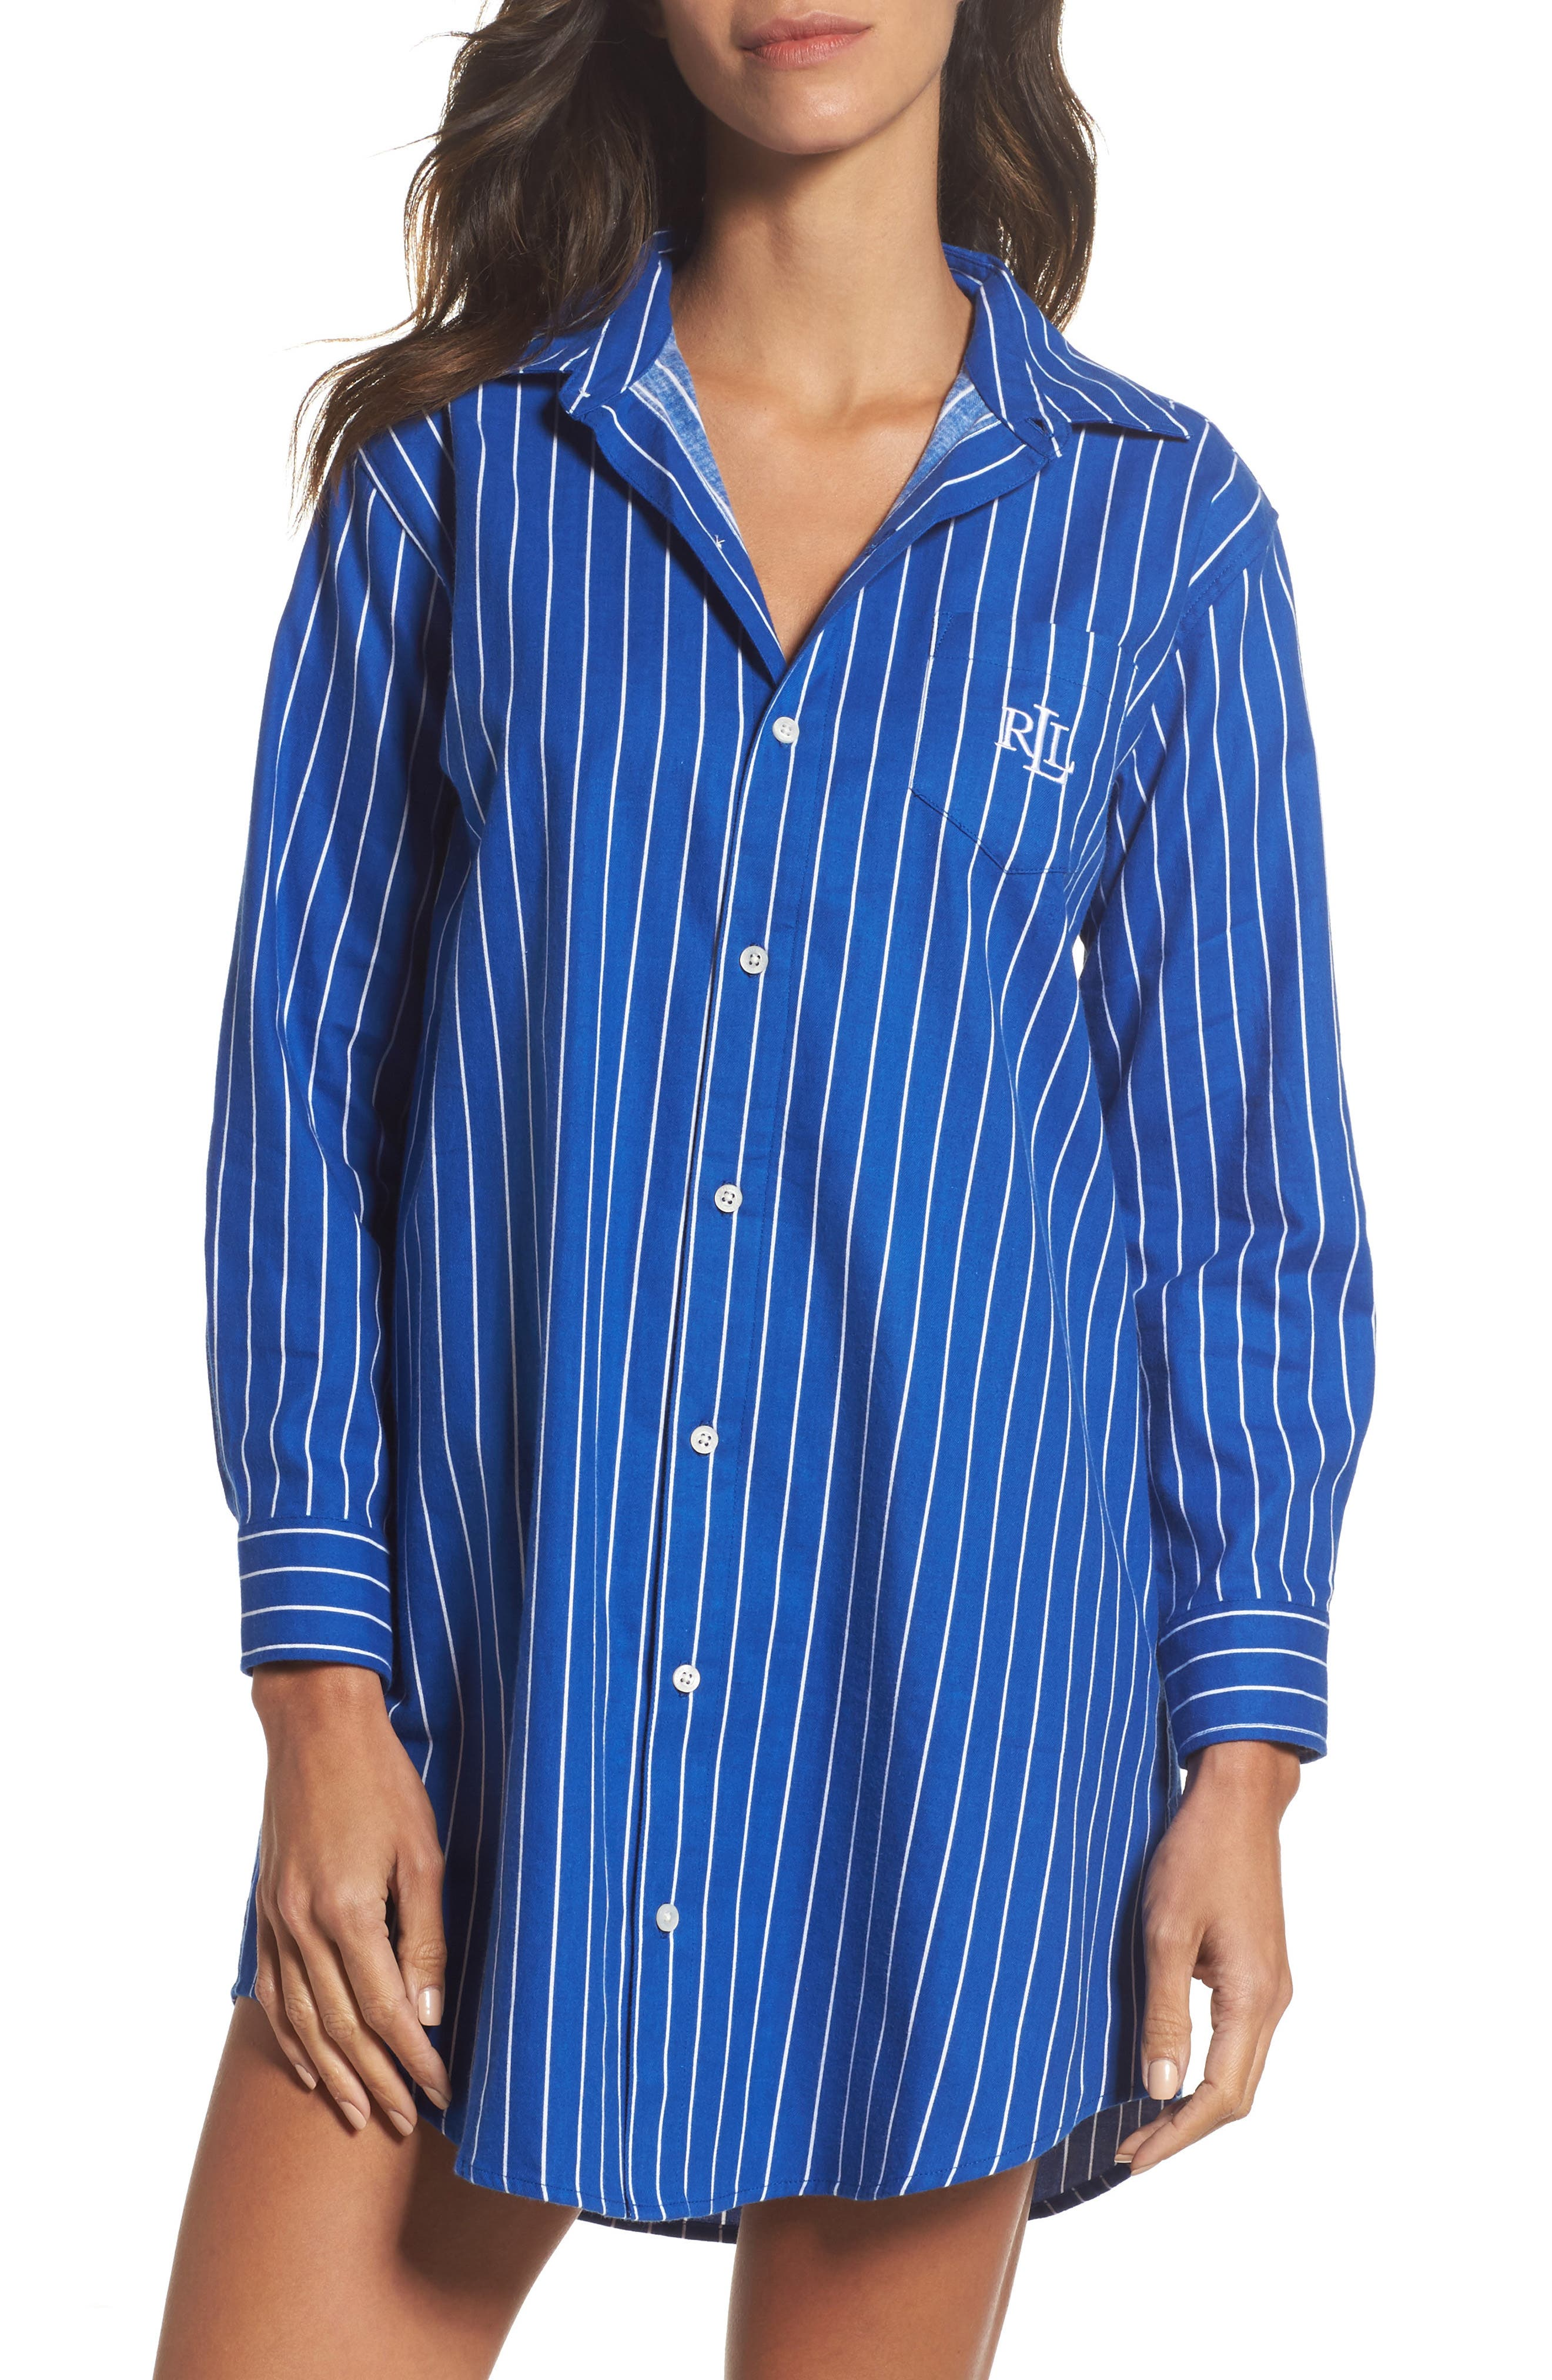 Alternate Image 1 Selected - Lauren Ralph Lauren Sleep Shirt